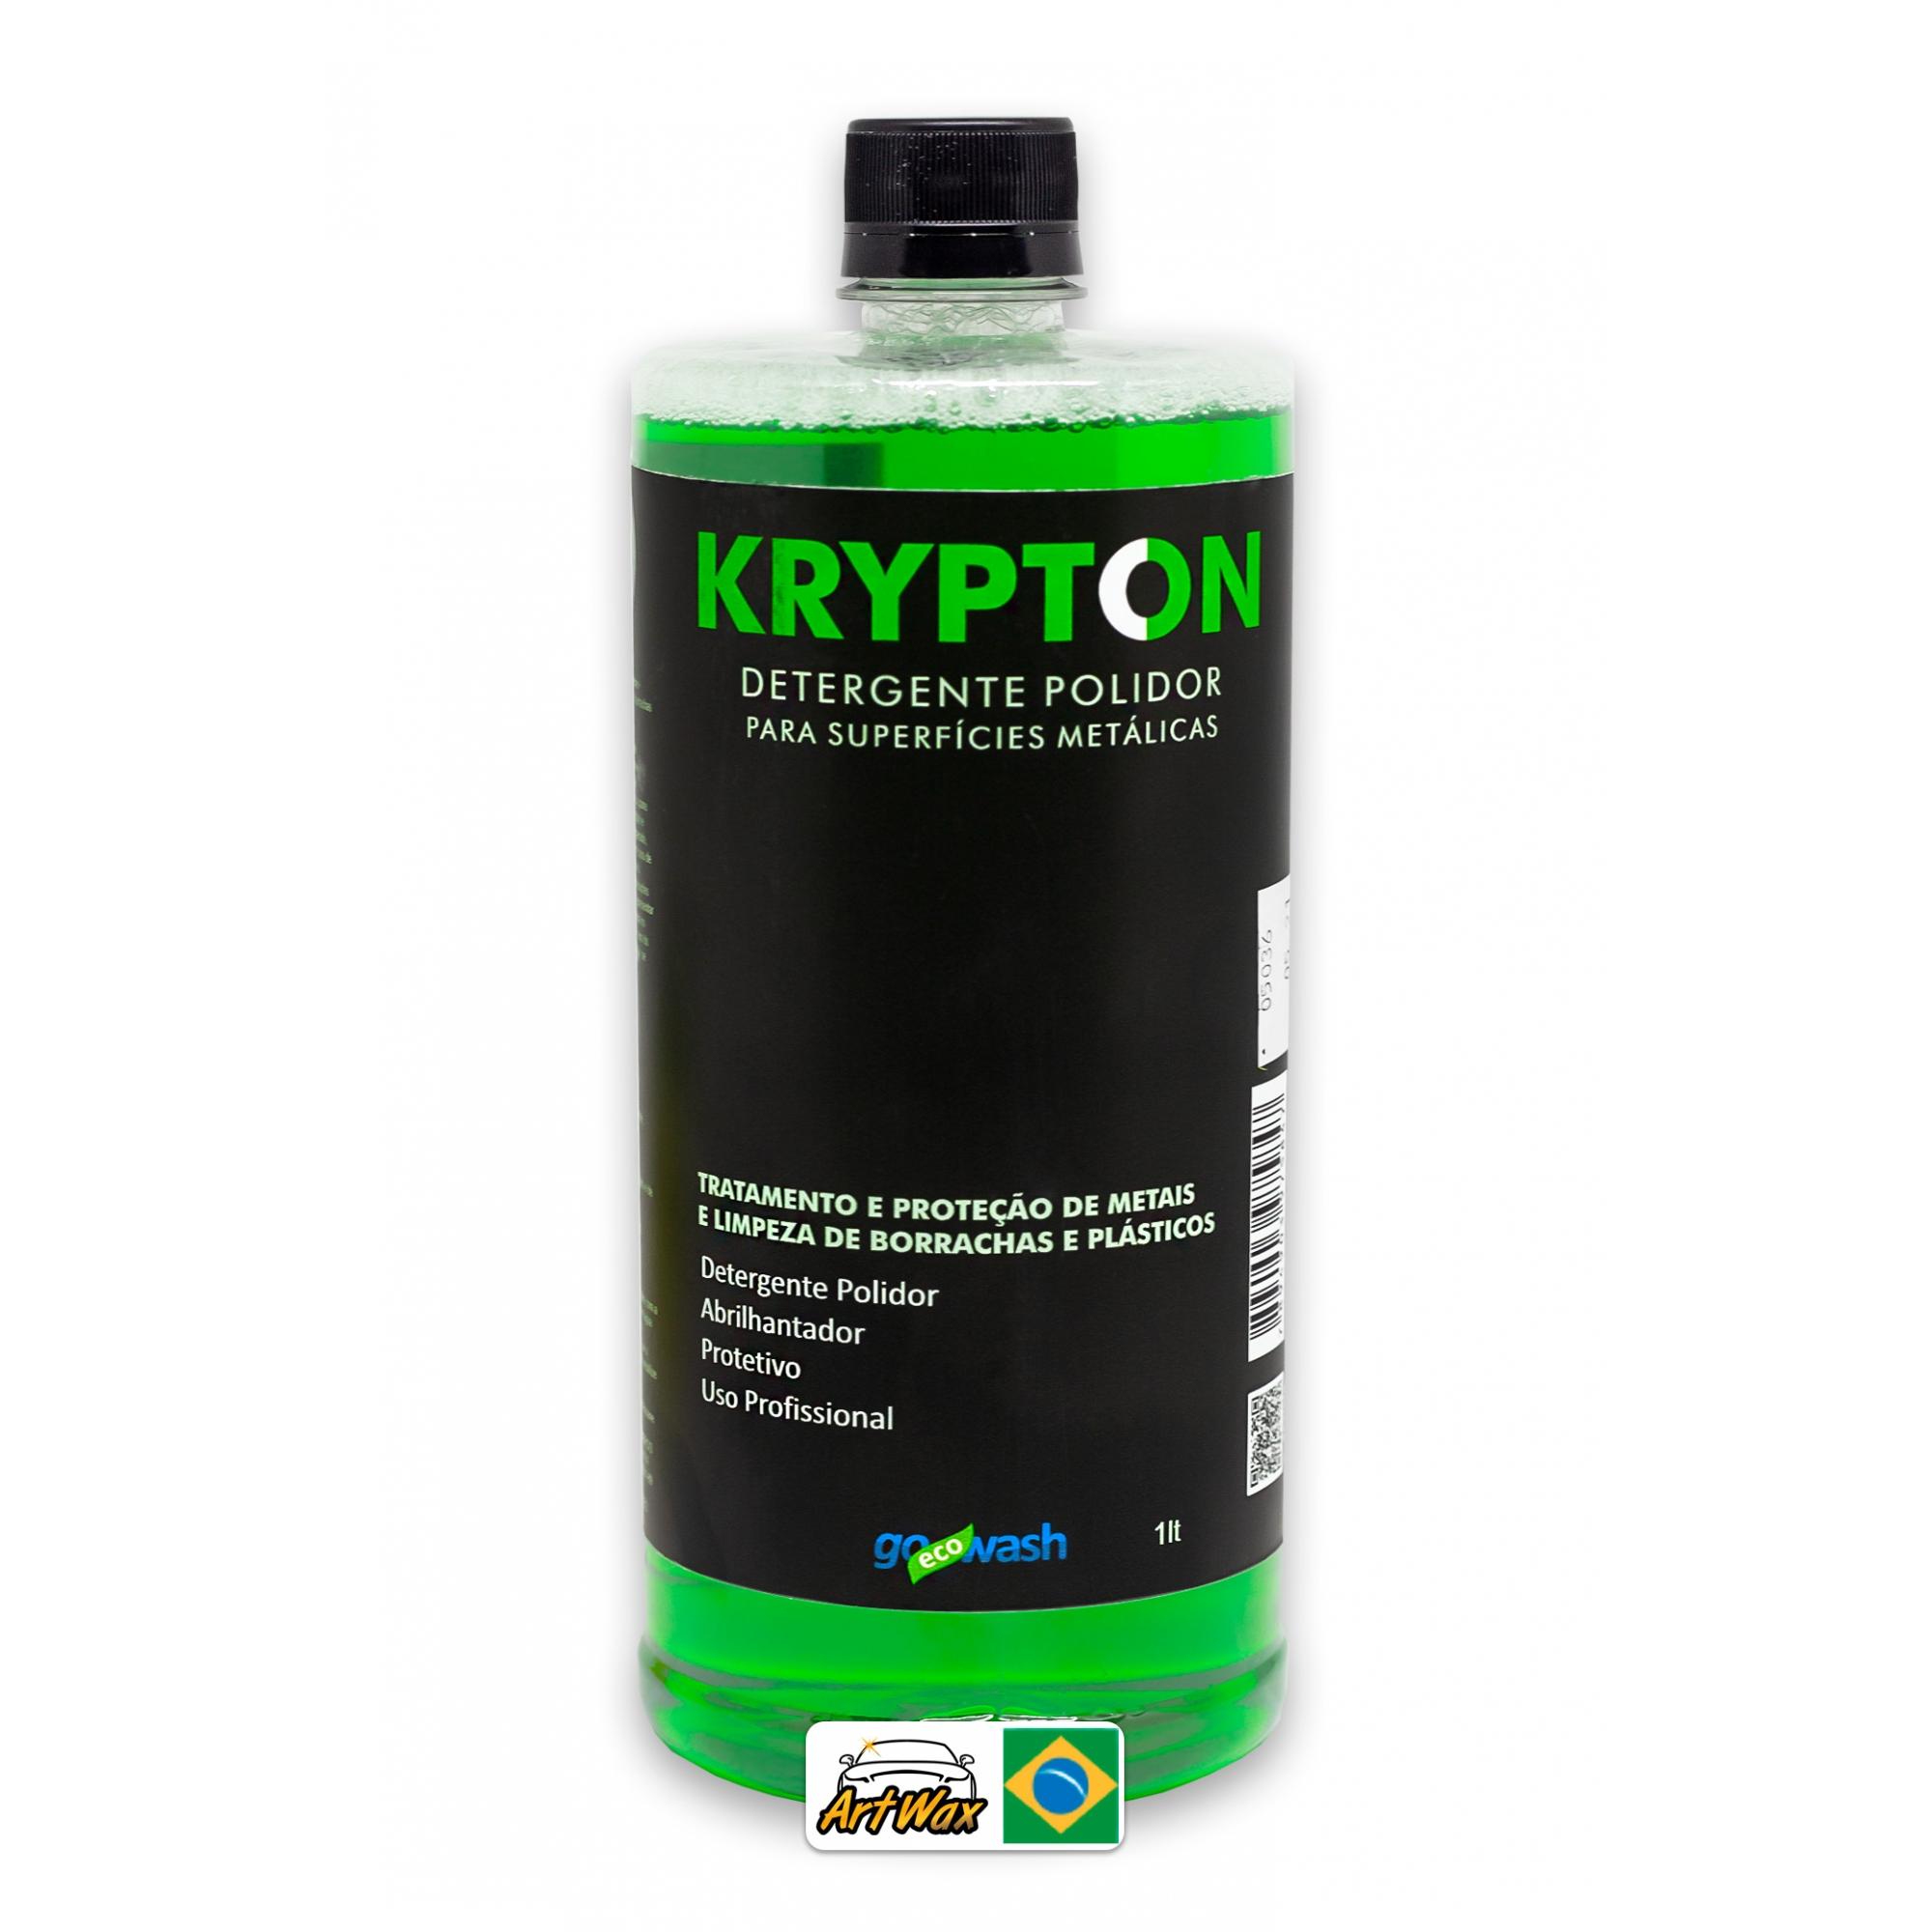 Krypton 1L - Detergente Polidor Para Metais Borrachas e Plásticos